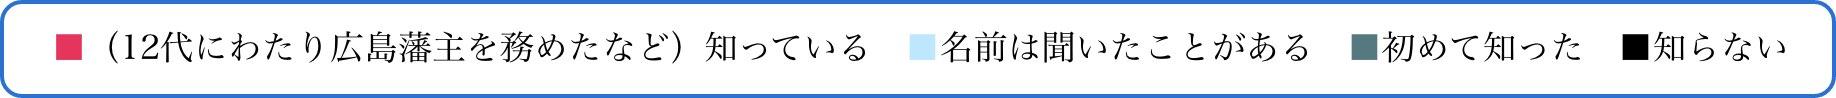 ■(12代にわたり広島藩主を務めたなど)知っている ■名前は聞いたことがある ■初めて知った ■知らない